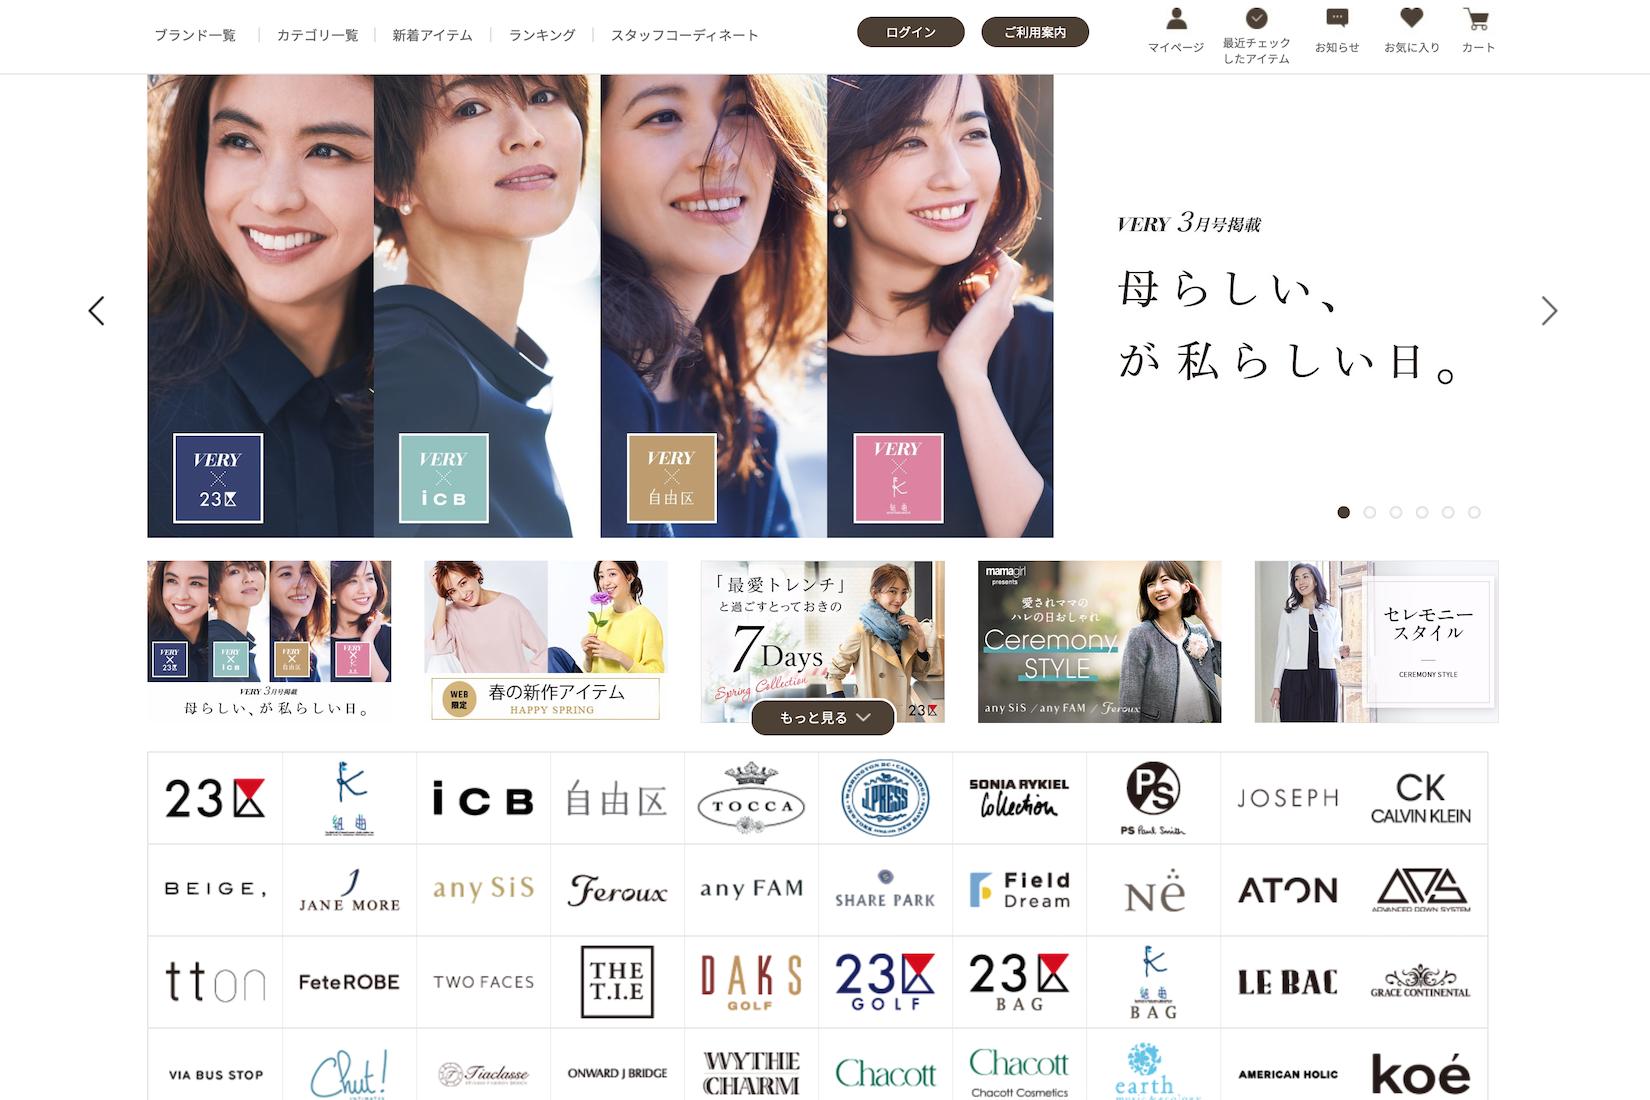 日本时尚电商行业的一个转折点?时尚集团 Onward 宣布从电商平台 Zozotown 全面撤柜